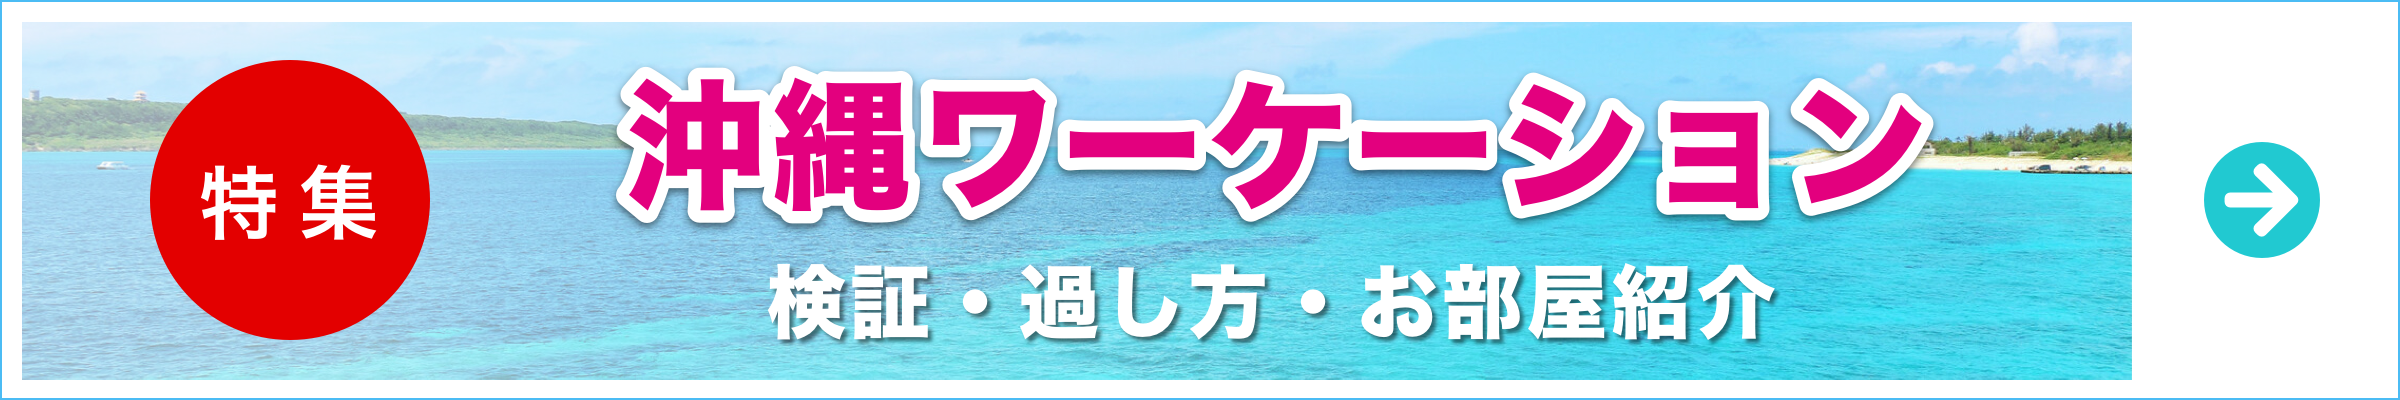 沖縄でテレワーク・ワーケーション